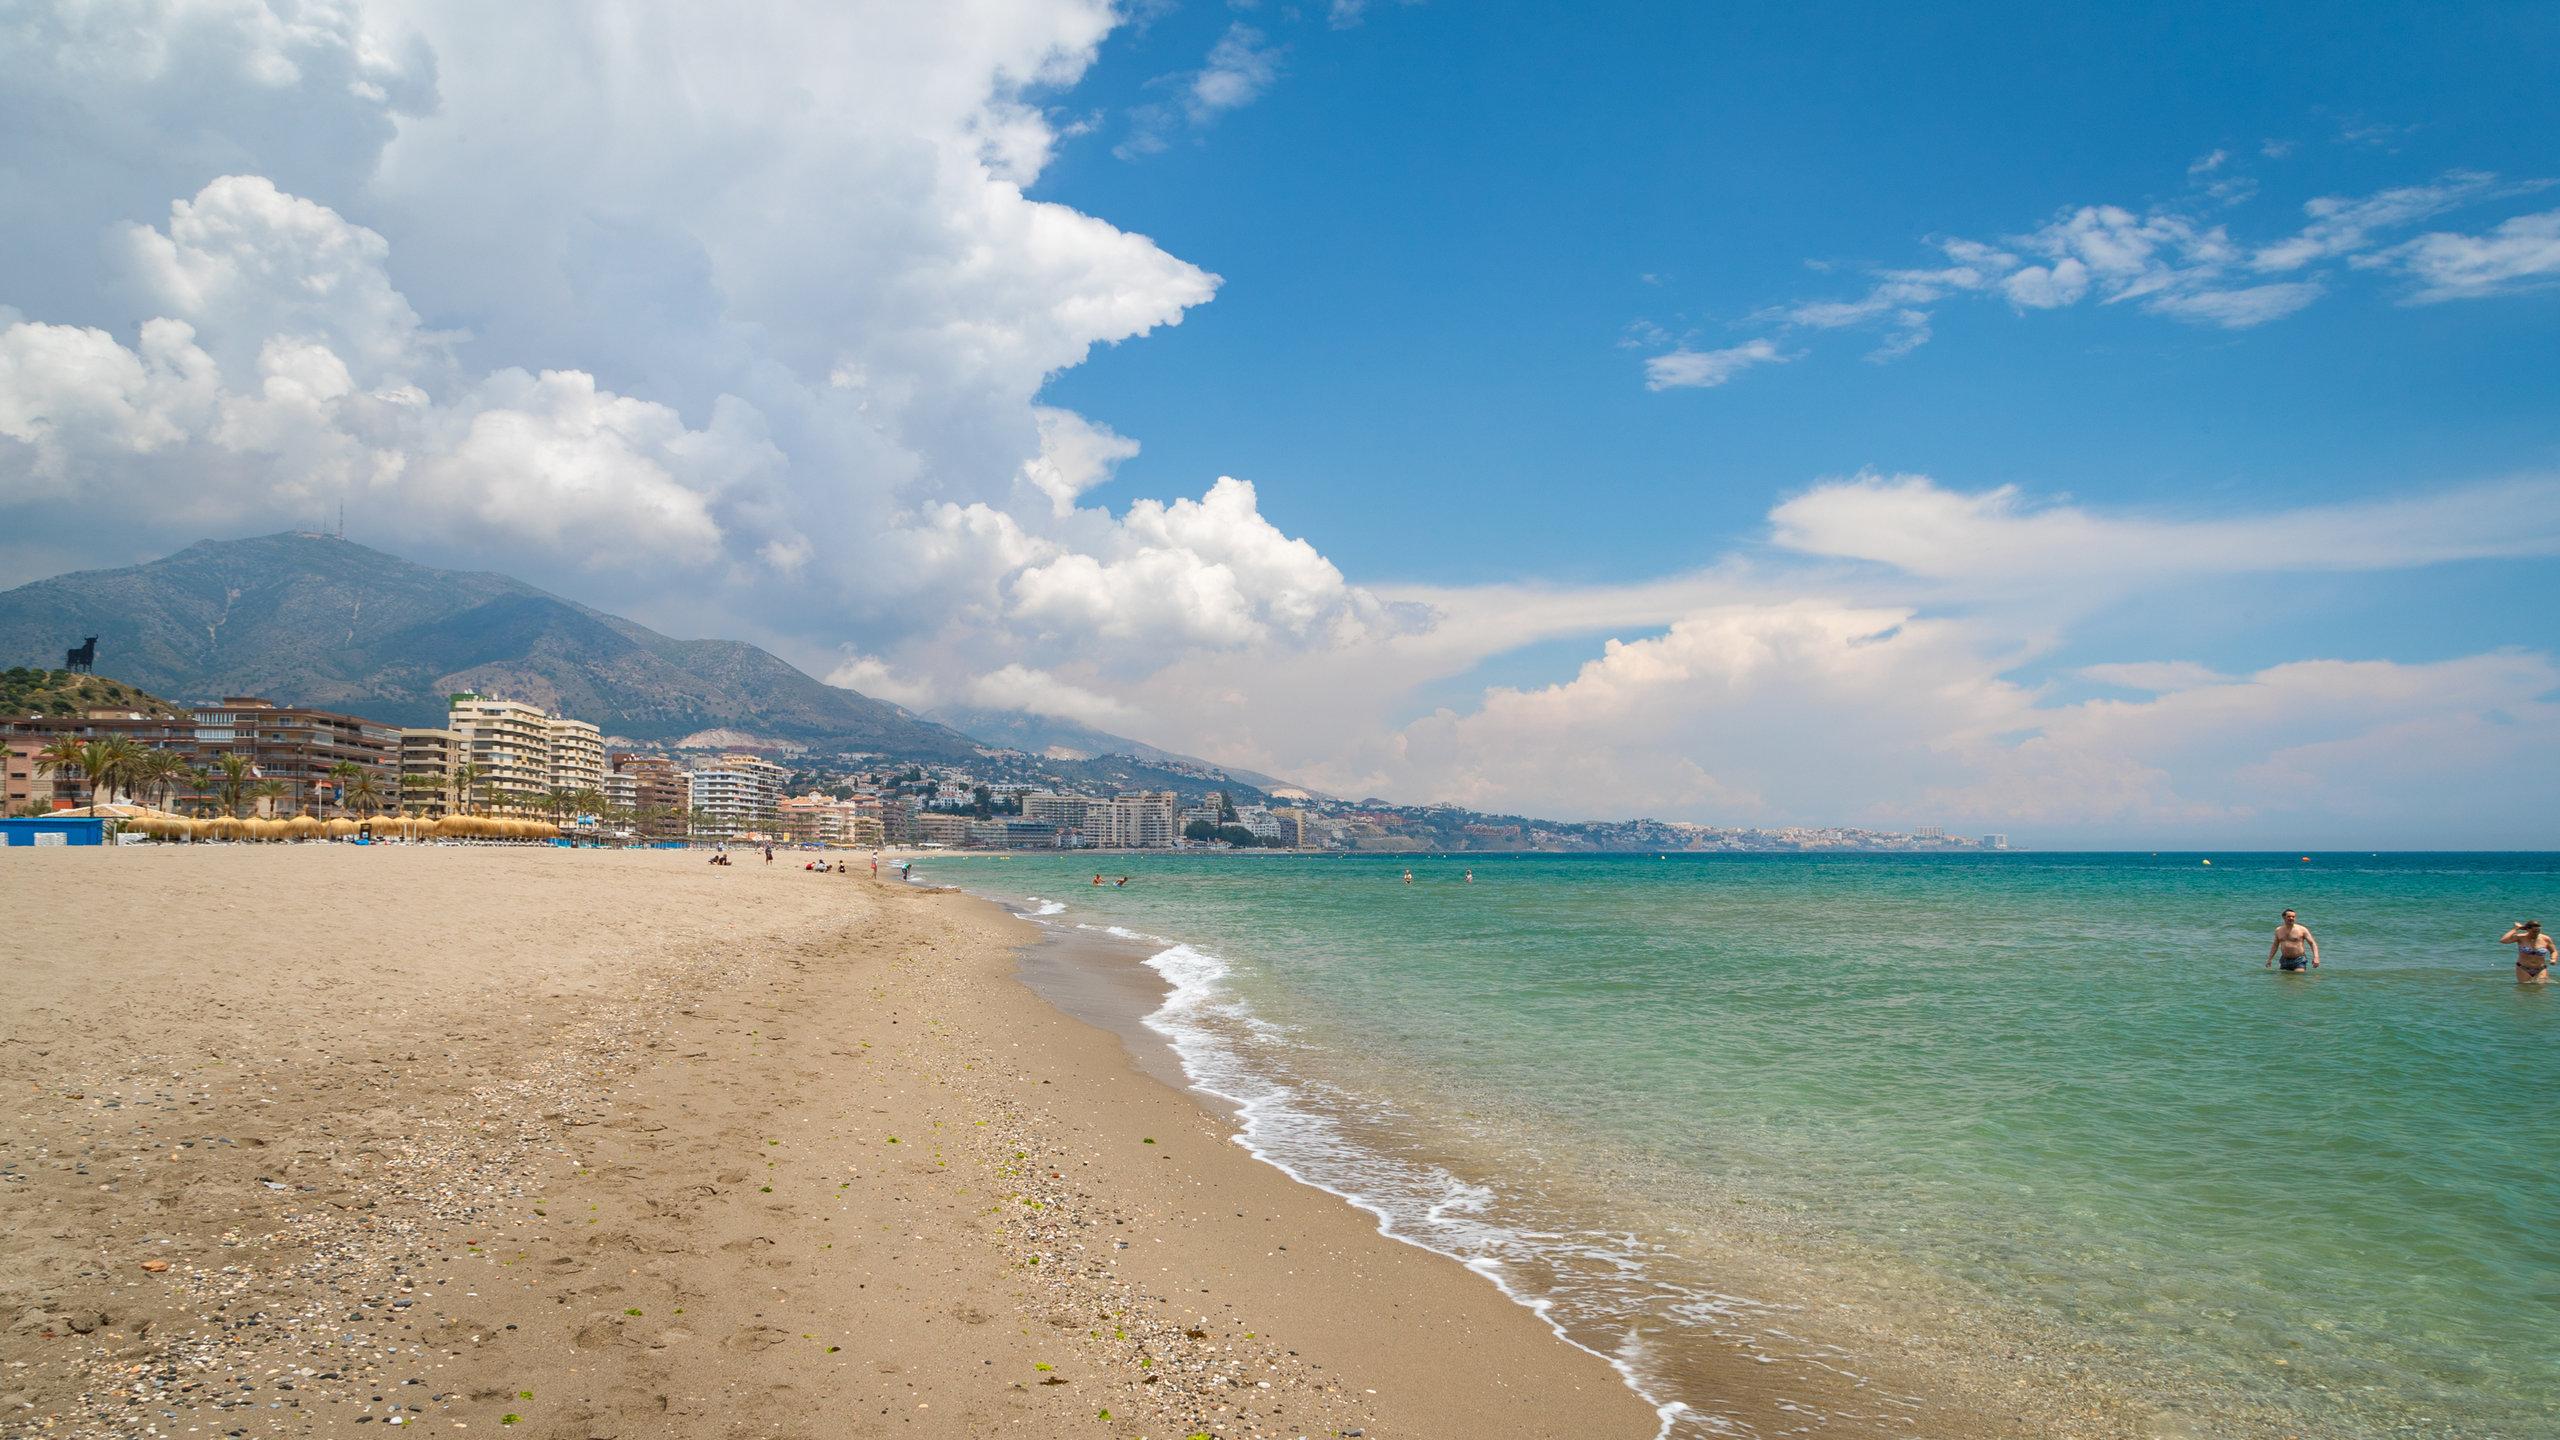 Las Gaviotas Beach, Fuengirola, Andalusia, Spain